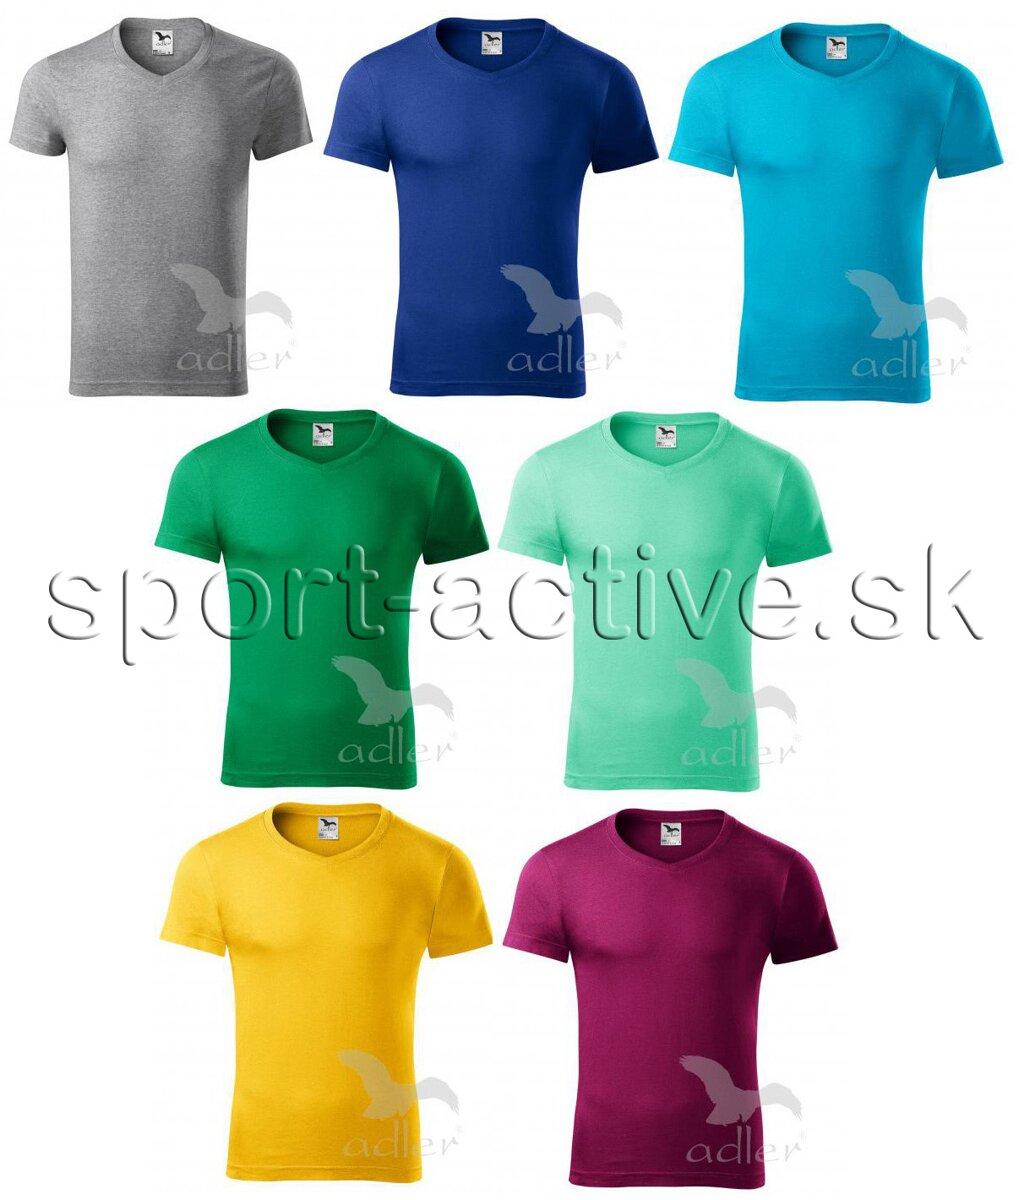 e5090b7ed087 Adler pánske tričko s krátkym rukávom SLIM FIT 146-1